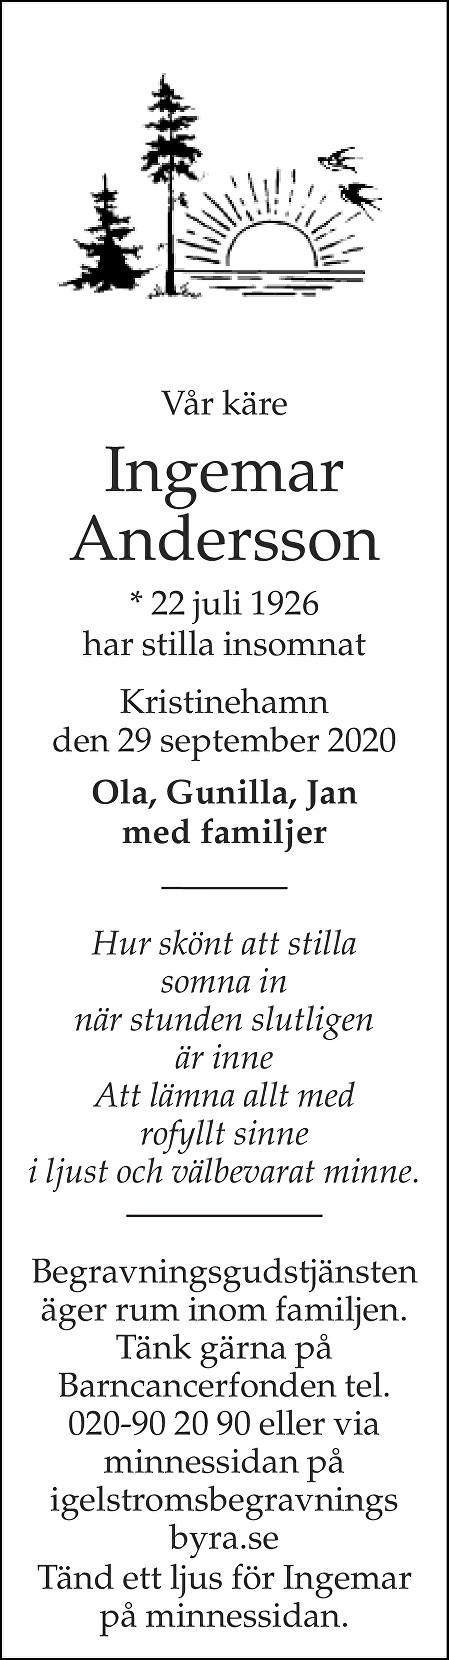 Ingemar Andersson Death notice